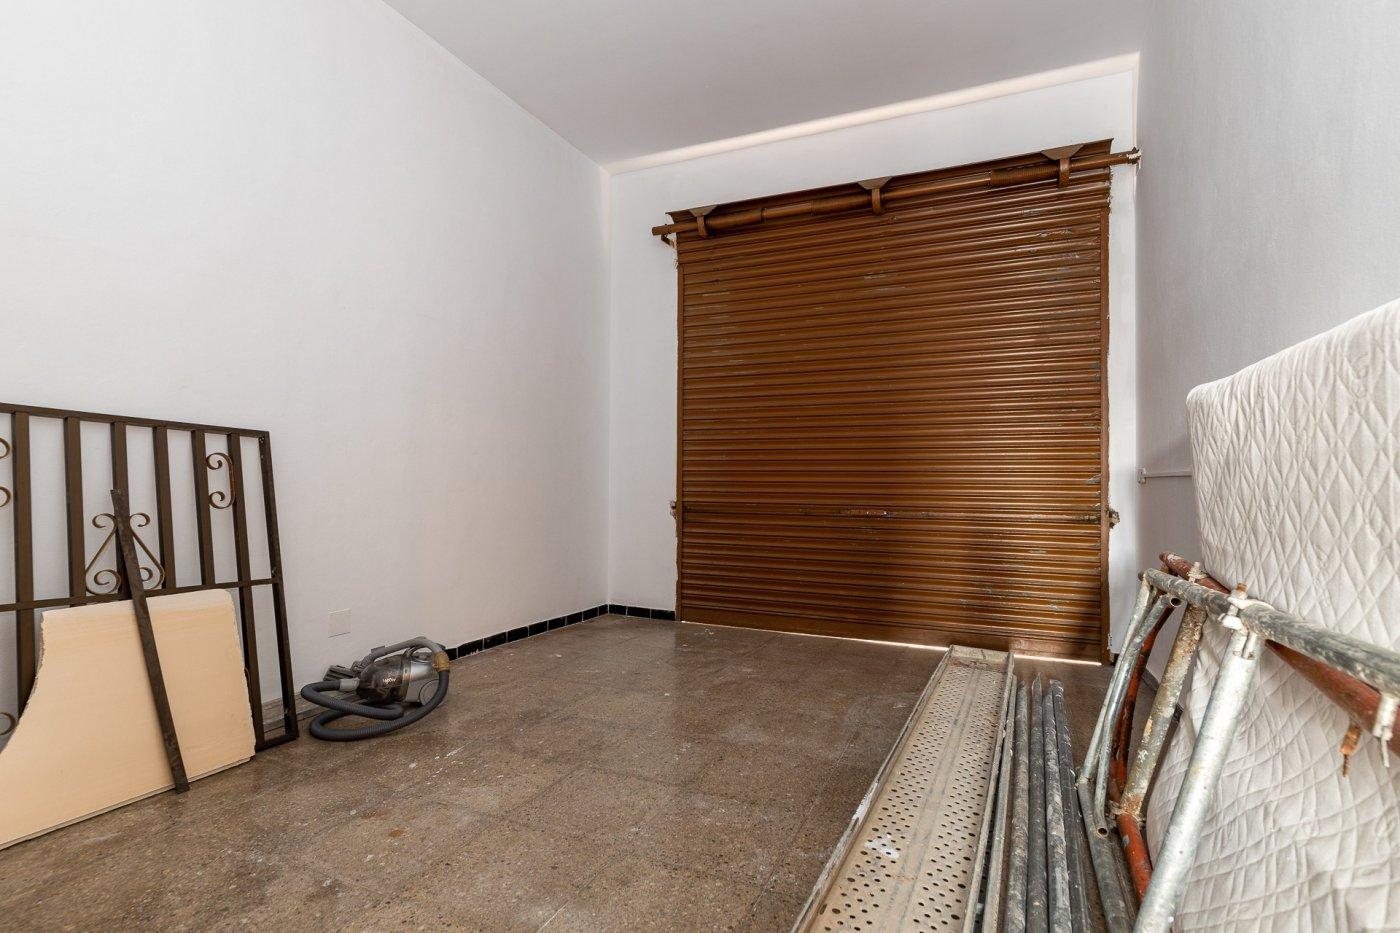 Planta baja y sala adicional de 95 m² con patio de 160 m² - imagenInmueble14